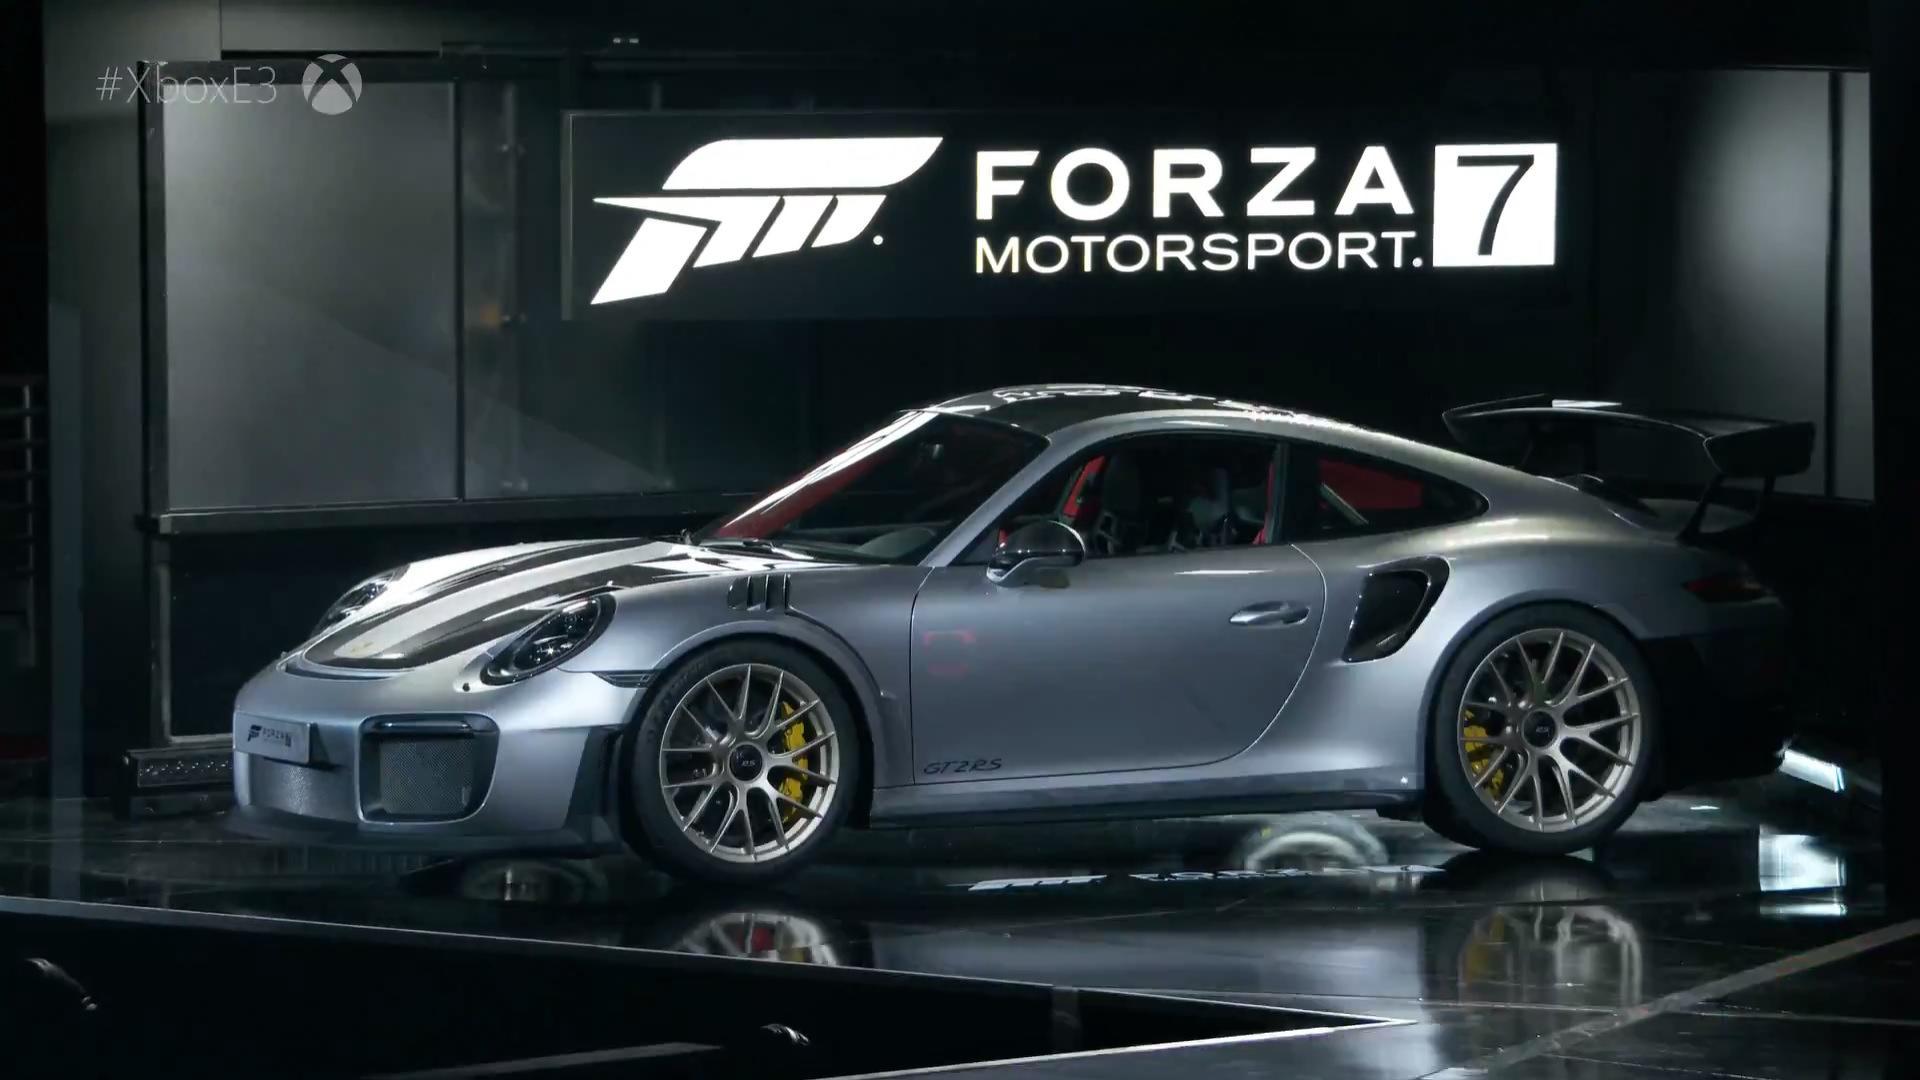 2018-porsche-911-gt2-rs-at-e3 Stunning Porsche 911 Gt2 Body Kit Cars Trend